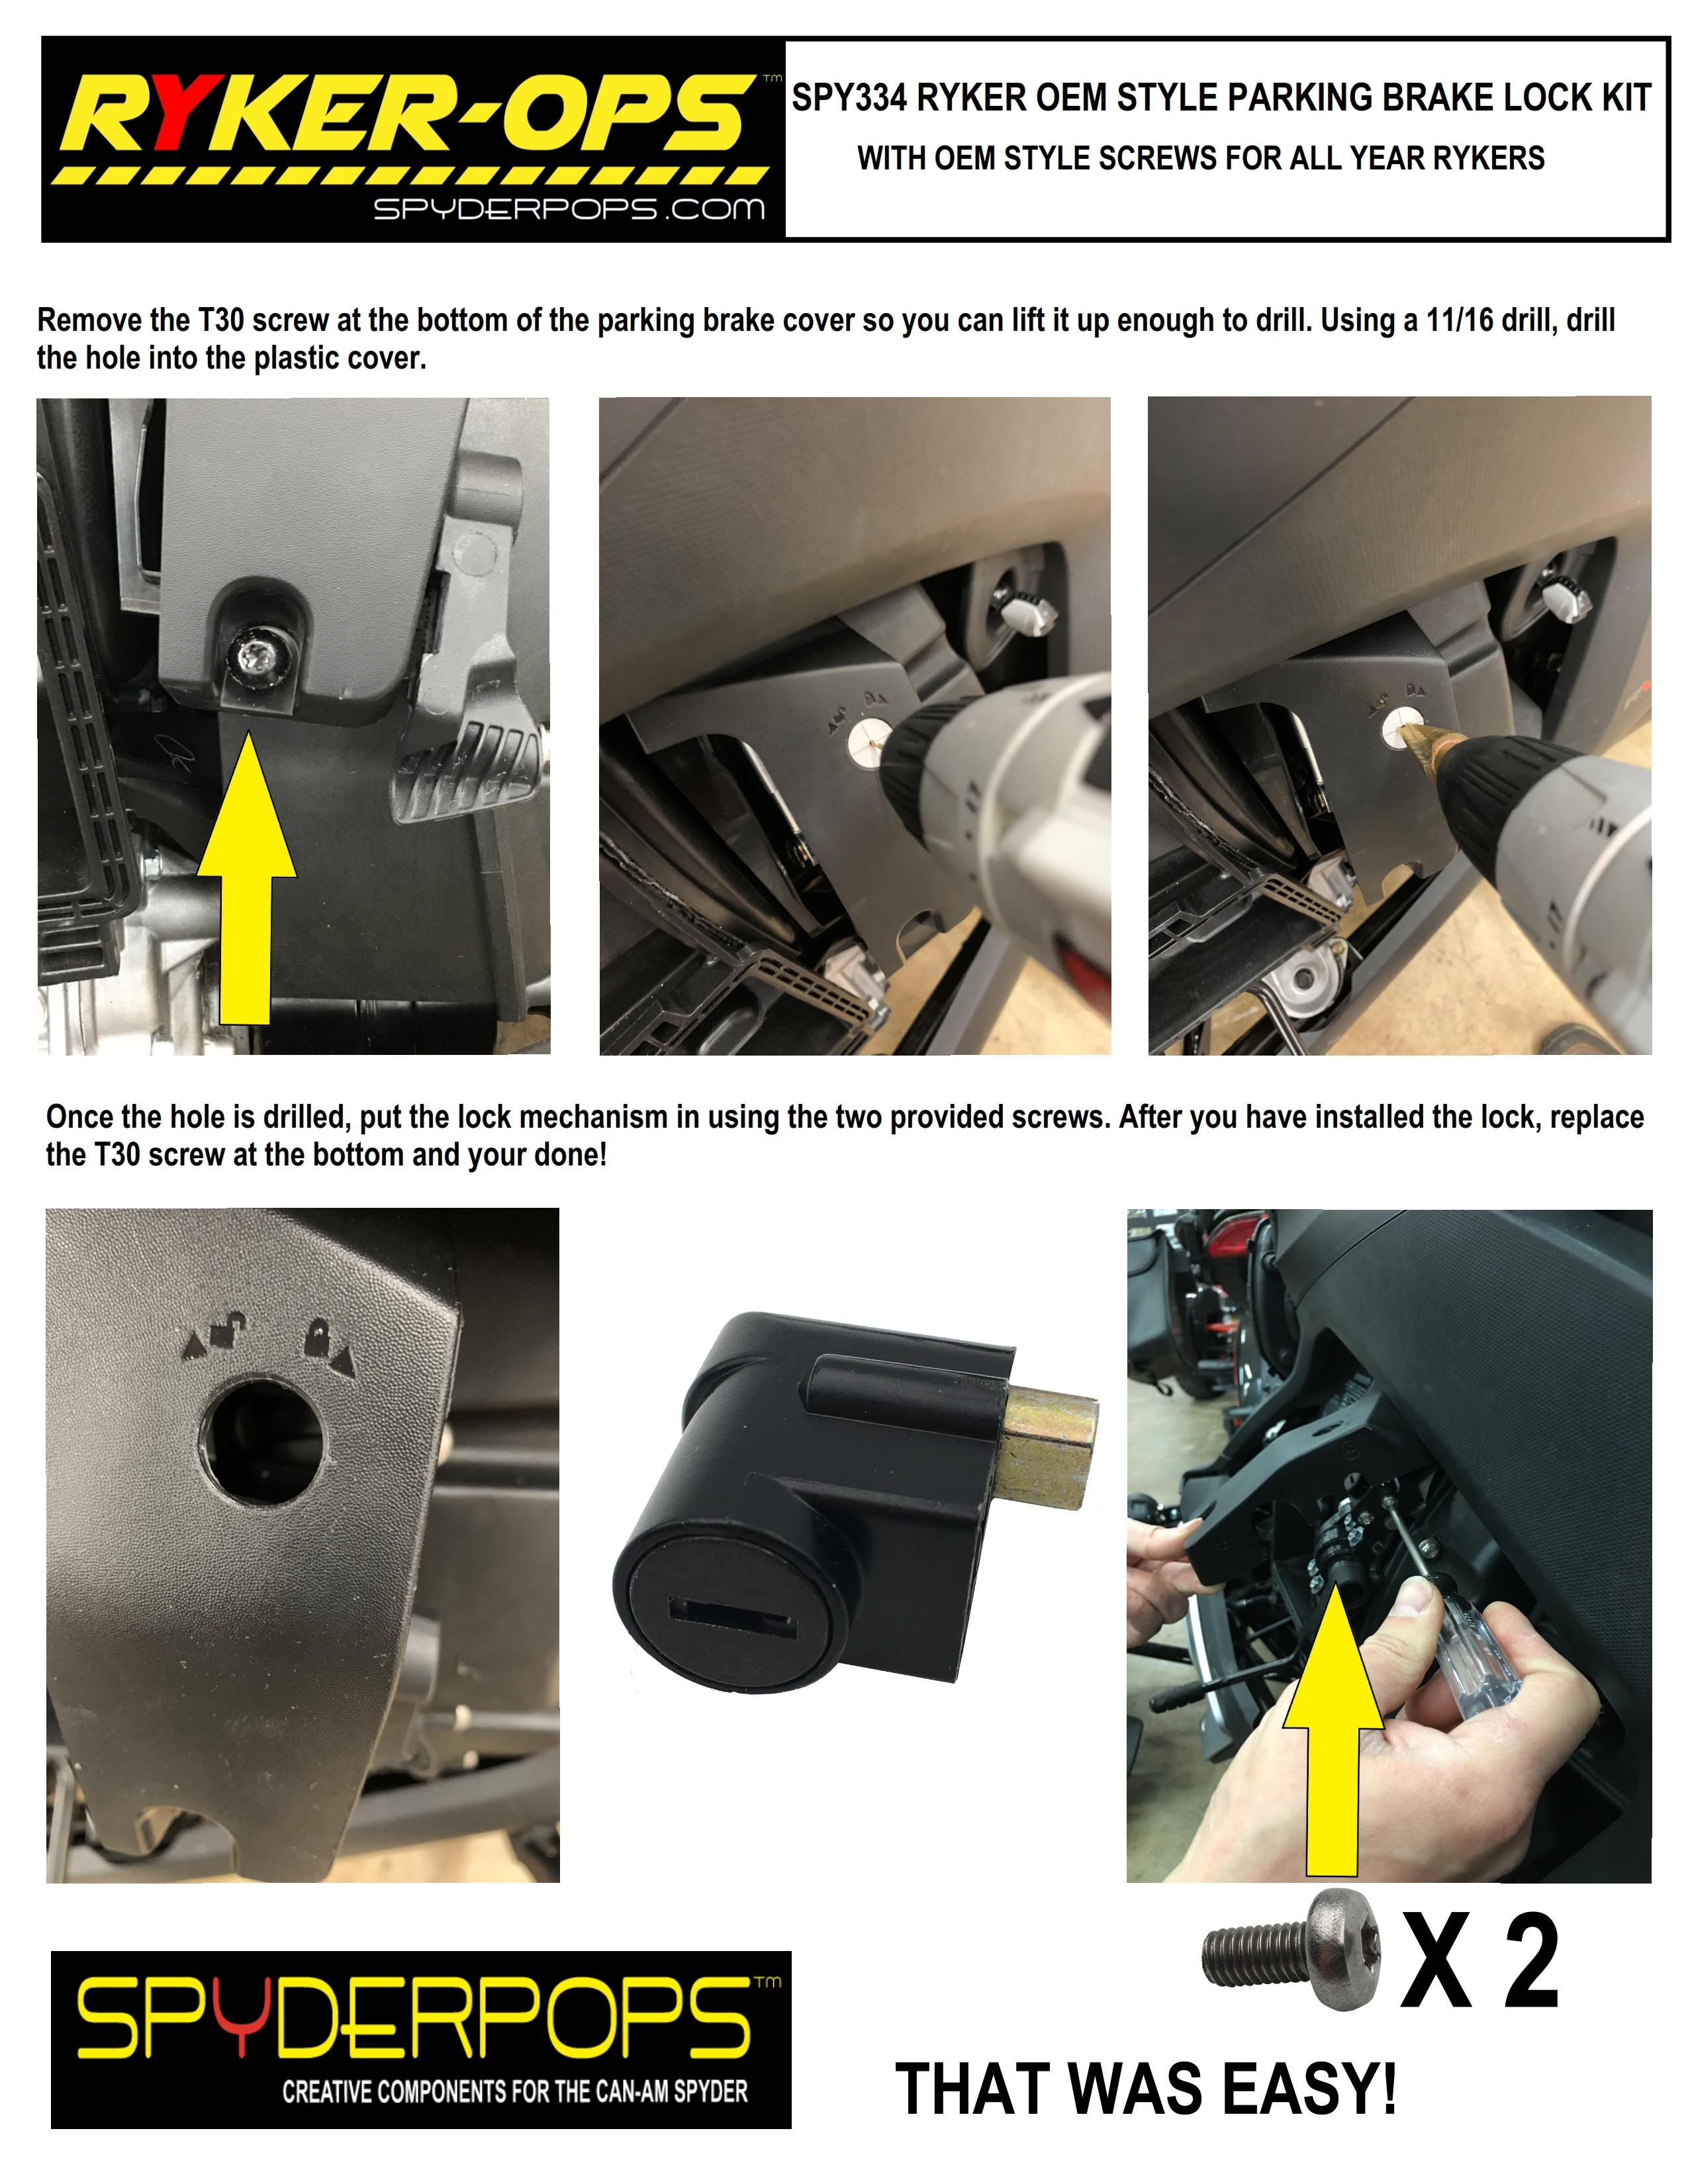 spy334-ryker-oem-style-parking-brake-lock-001.jpg